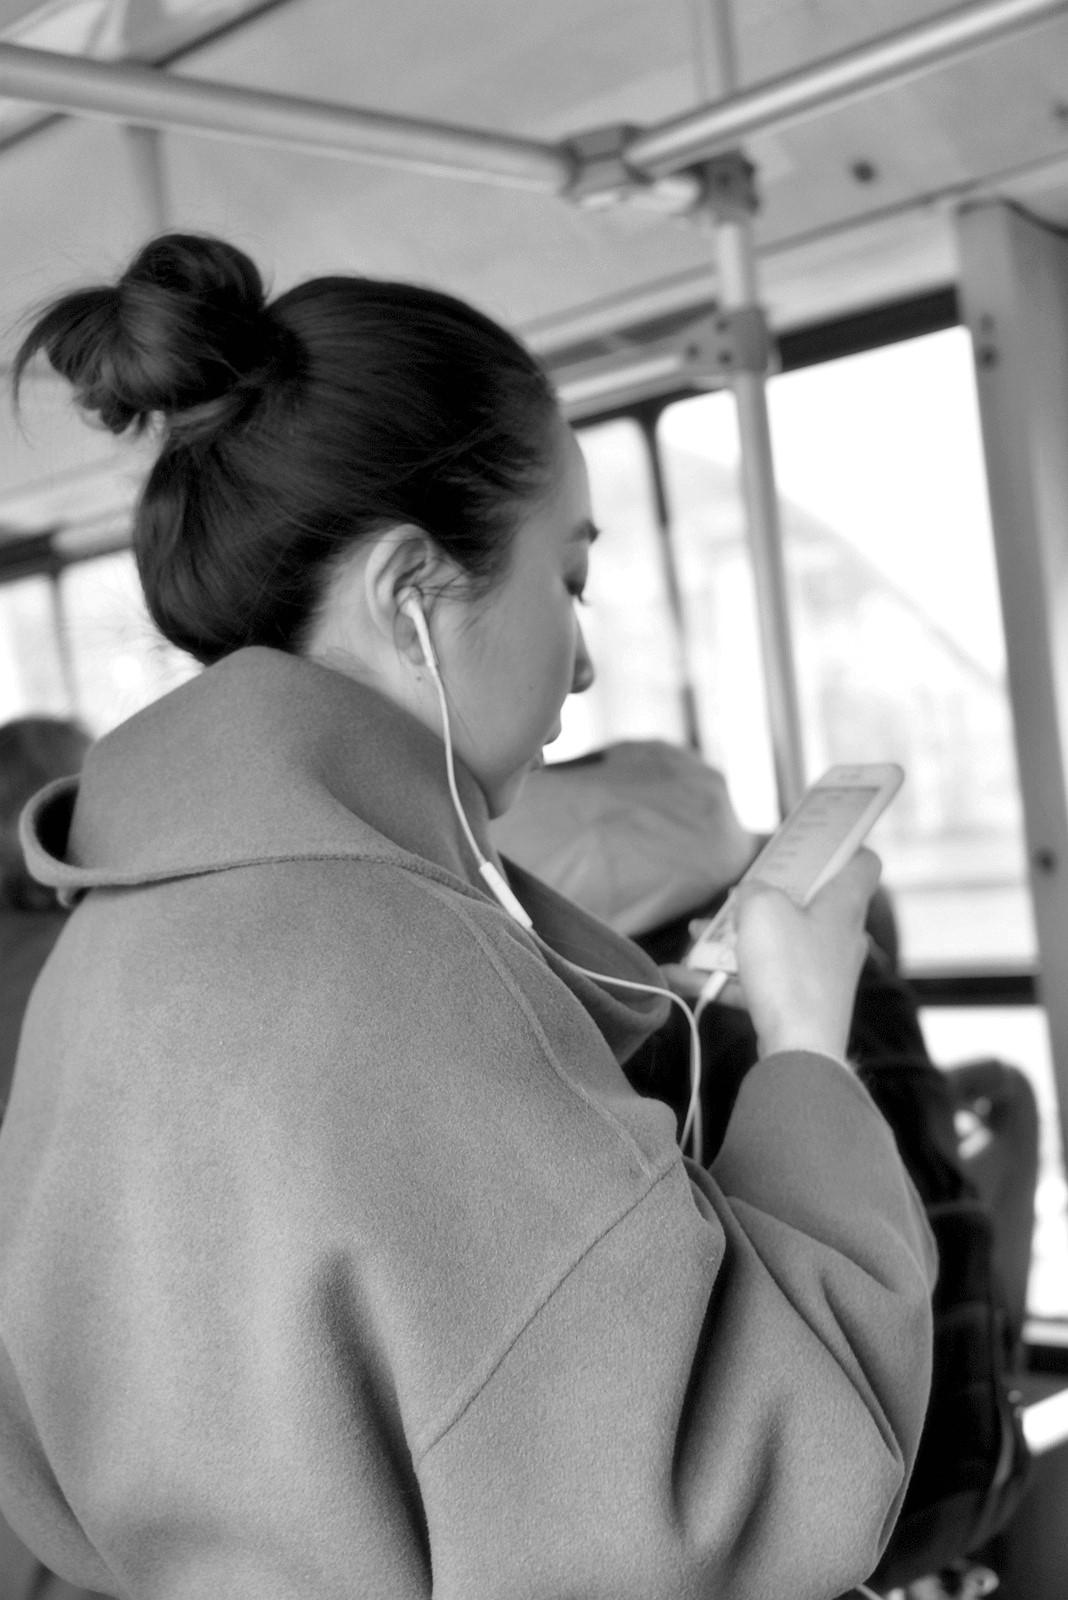 老张喜爱摄影作品:公交车上的美丽背影